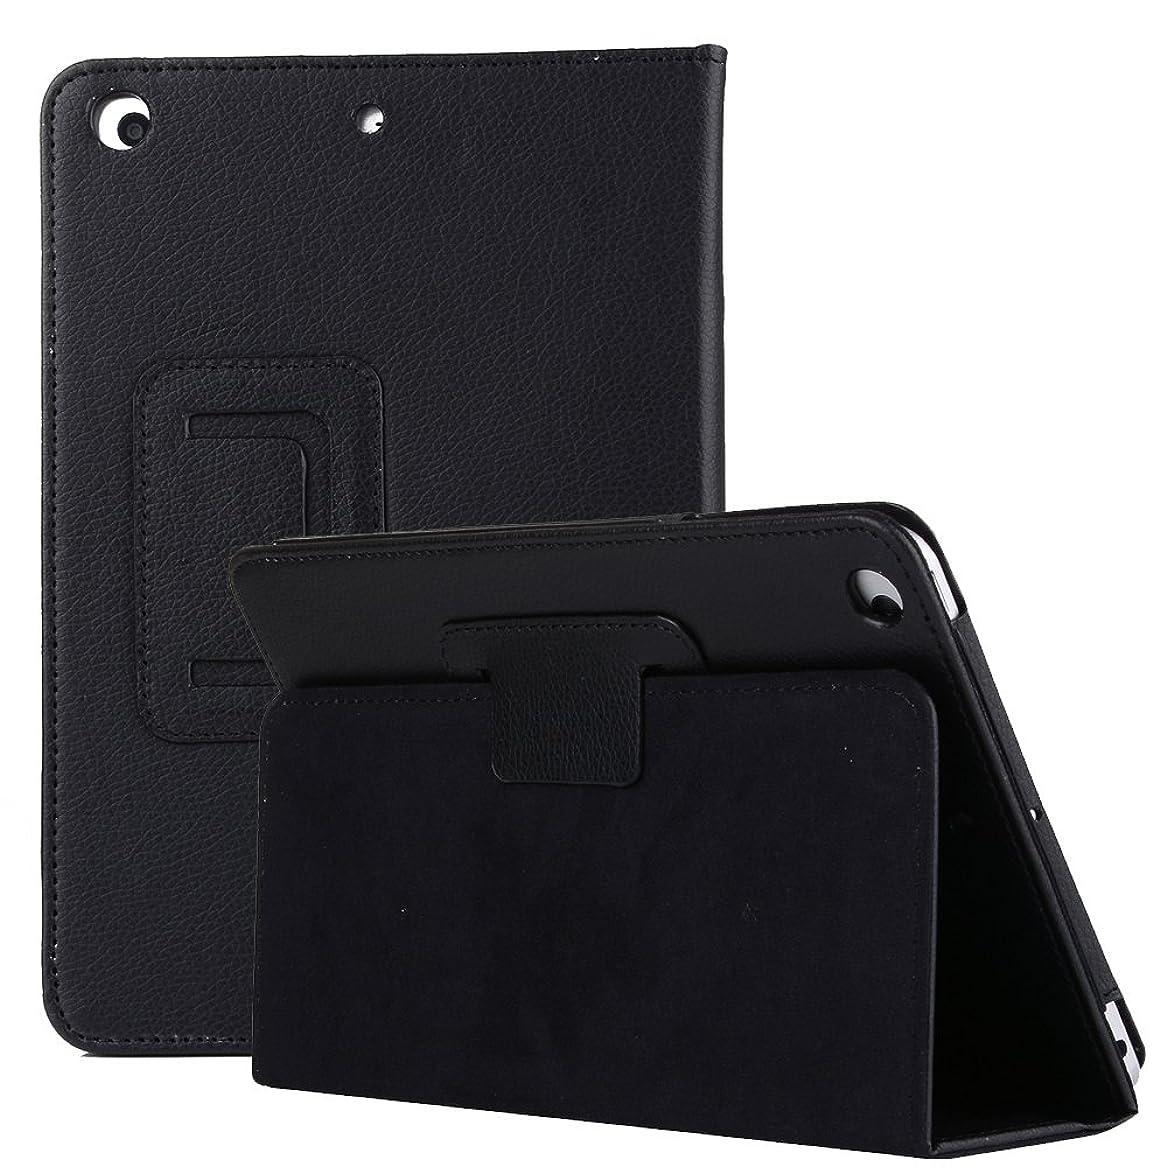 昆虫倫理的一時解雇するGalaxy tab A 8.0薄型携帯ケース2019、TechCodeライト級スマートブックケース、多角度マイクロファイバーの裏地角度保護カバーを調べて、サムスンGalaxy tab A 8.0インチ2019 SM-T 290/T 295に適用されます。 (ブラック)